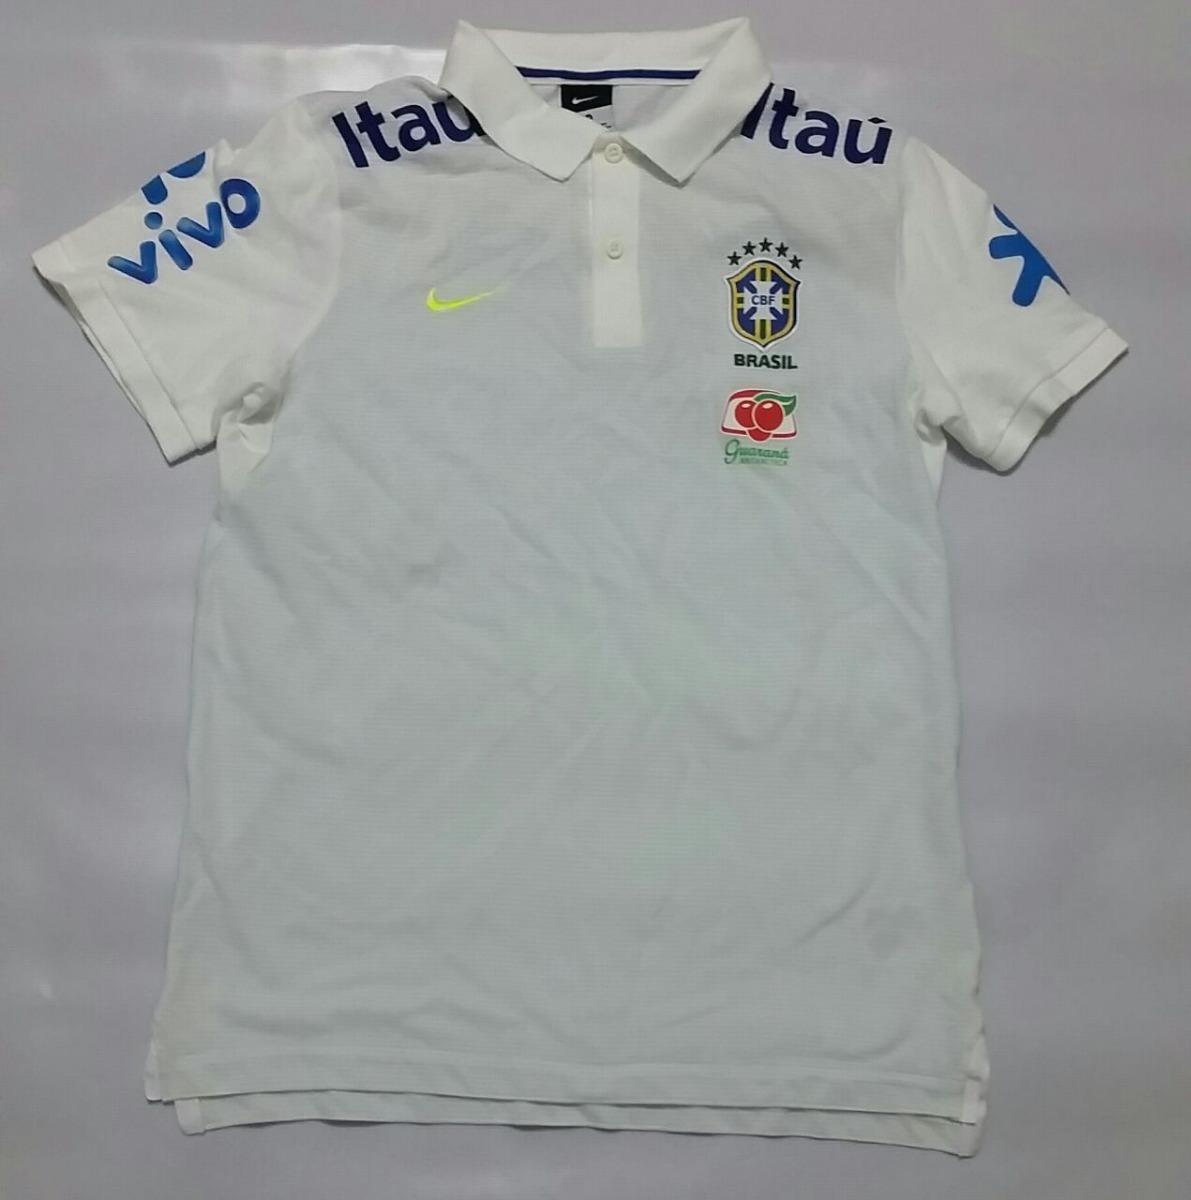 camisa polo nike seleção brasileira cbf 2017 branca. Carregando zoom. 066dc54a5dc67